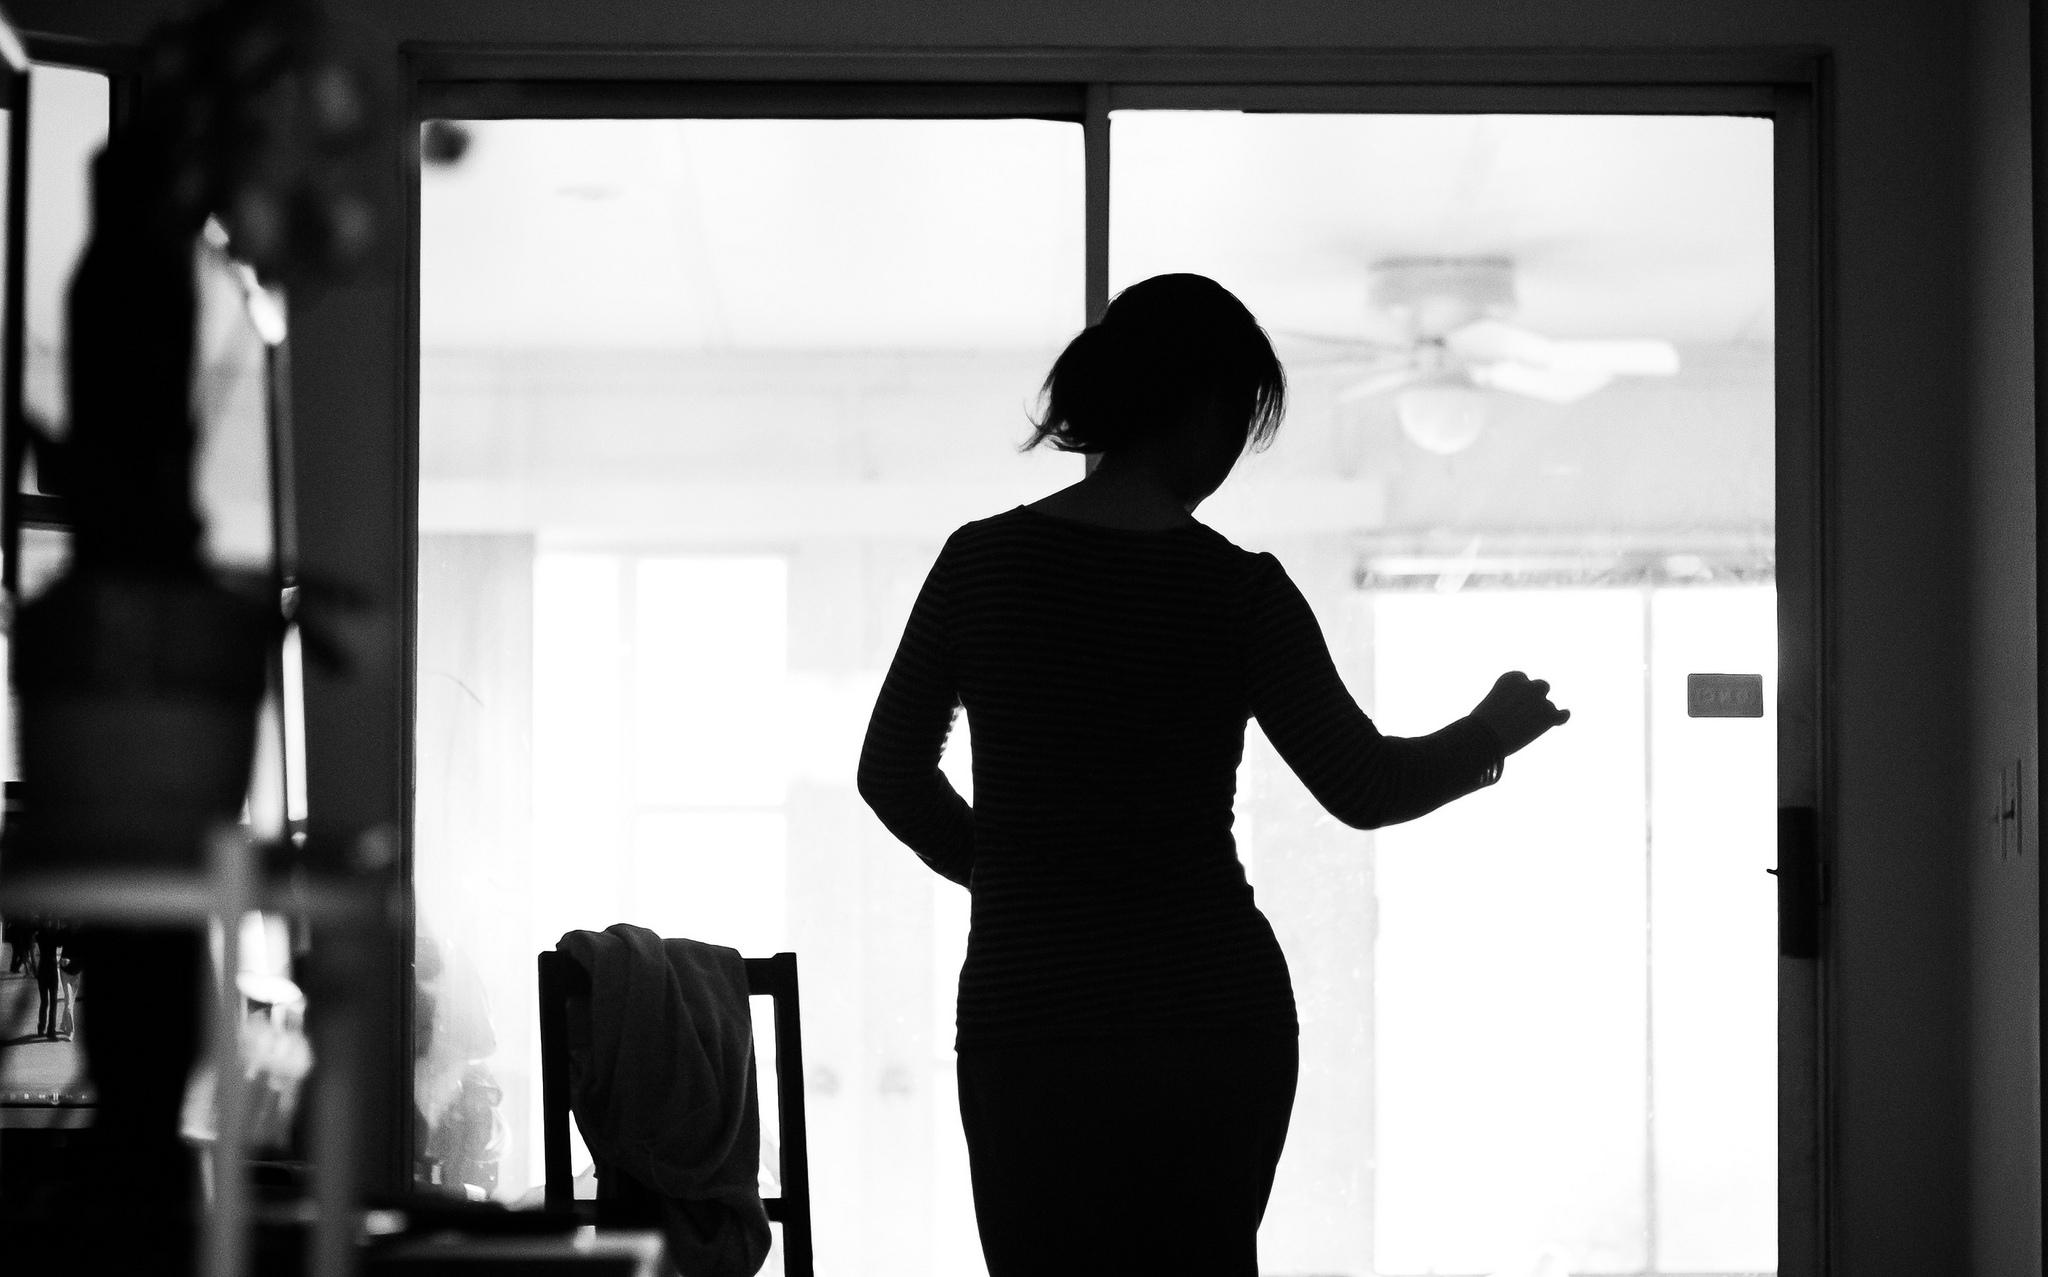 14.4 Shadow Dancer – suzie_s, Flickr